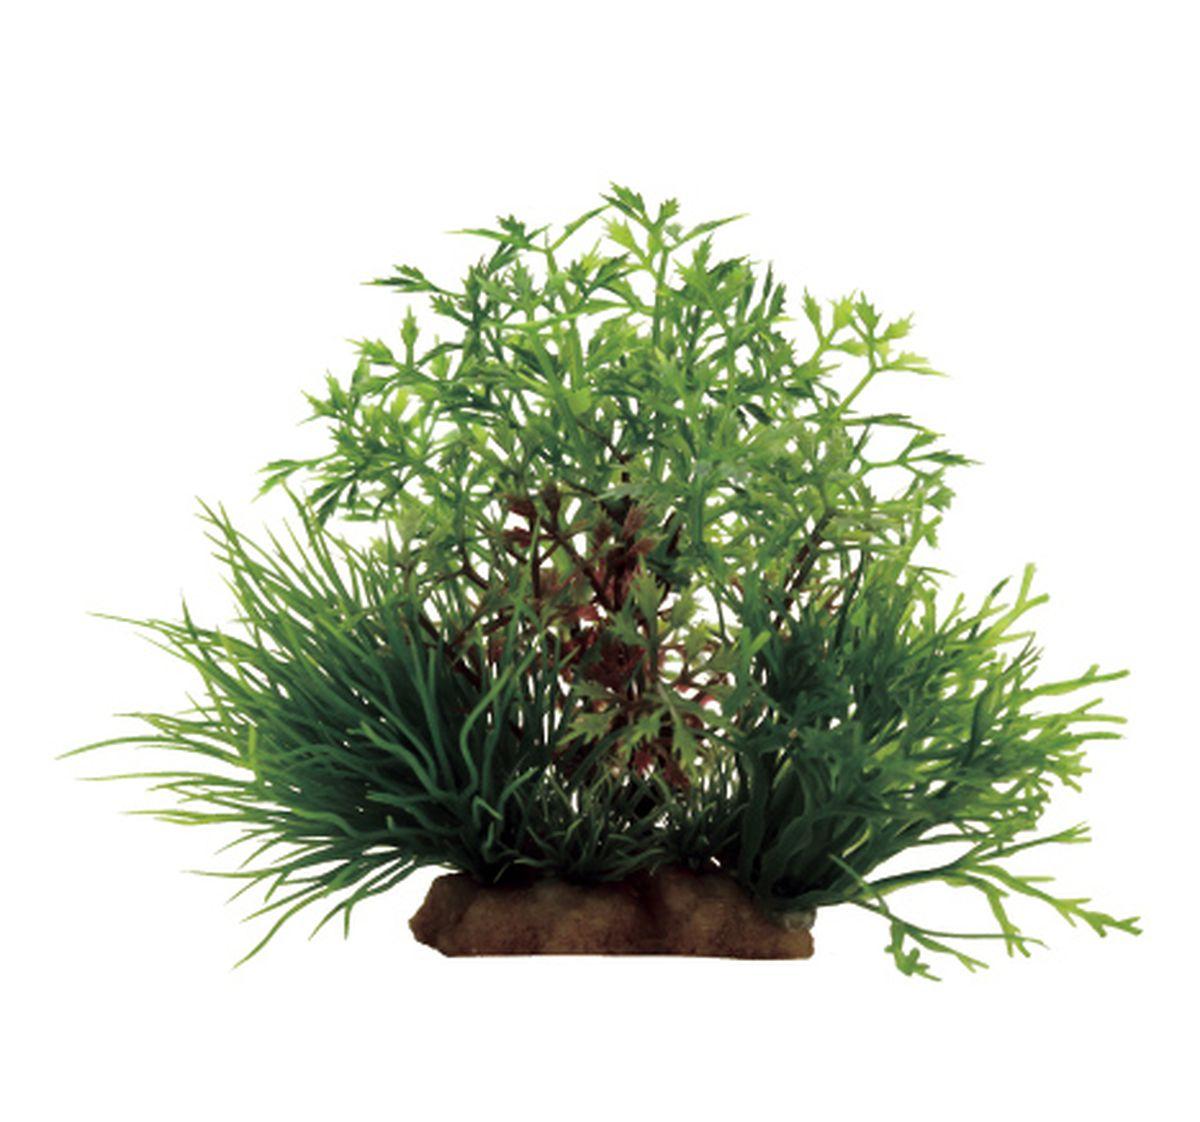 Композиция из растений для аквариума ArtUniq Перистолистник, 16 x 12 x 10 см0120710Композиция из искусственных растений ArtUniq превосходно украсит и оживит аквариум.Растения - это важная часть любой композиции, они помогут вдохнуть жизнь в ландшафт любого аквариума или террариума. Композиция является точной копией природного растения.